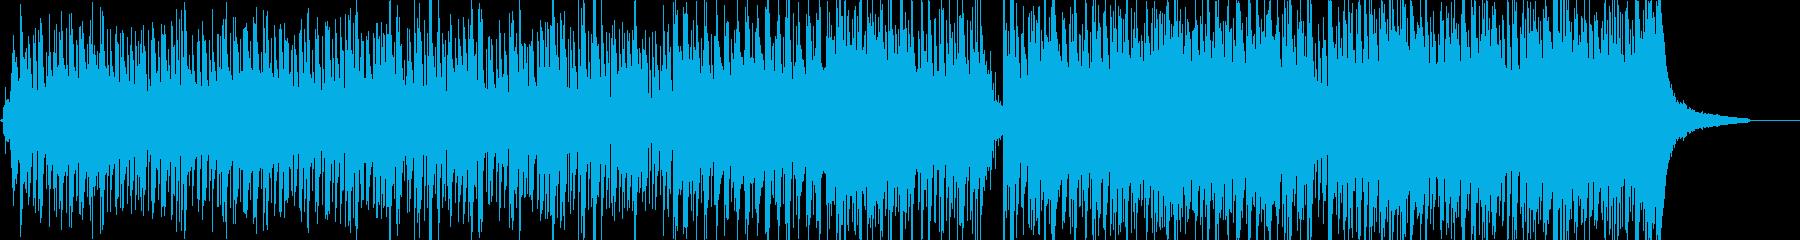 【ベース無し】アコギとピアノのポップスの再生済みの波形